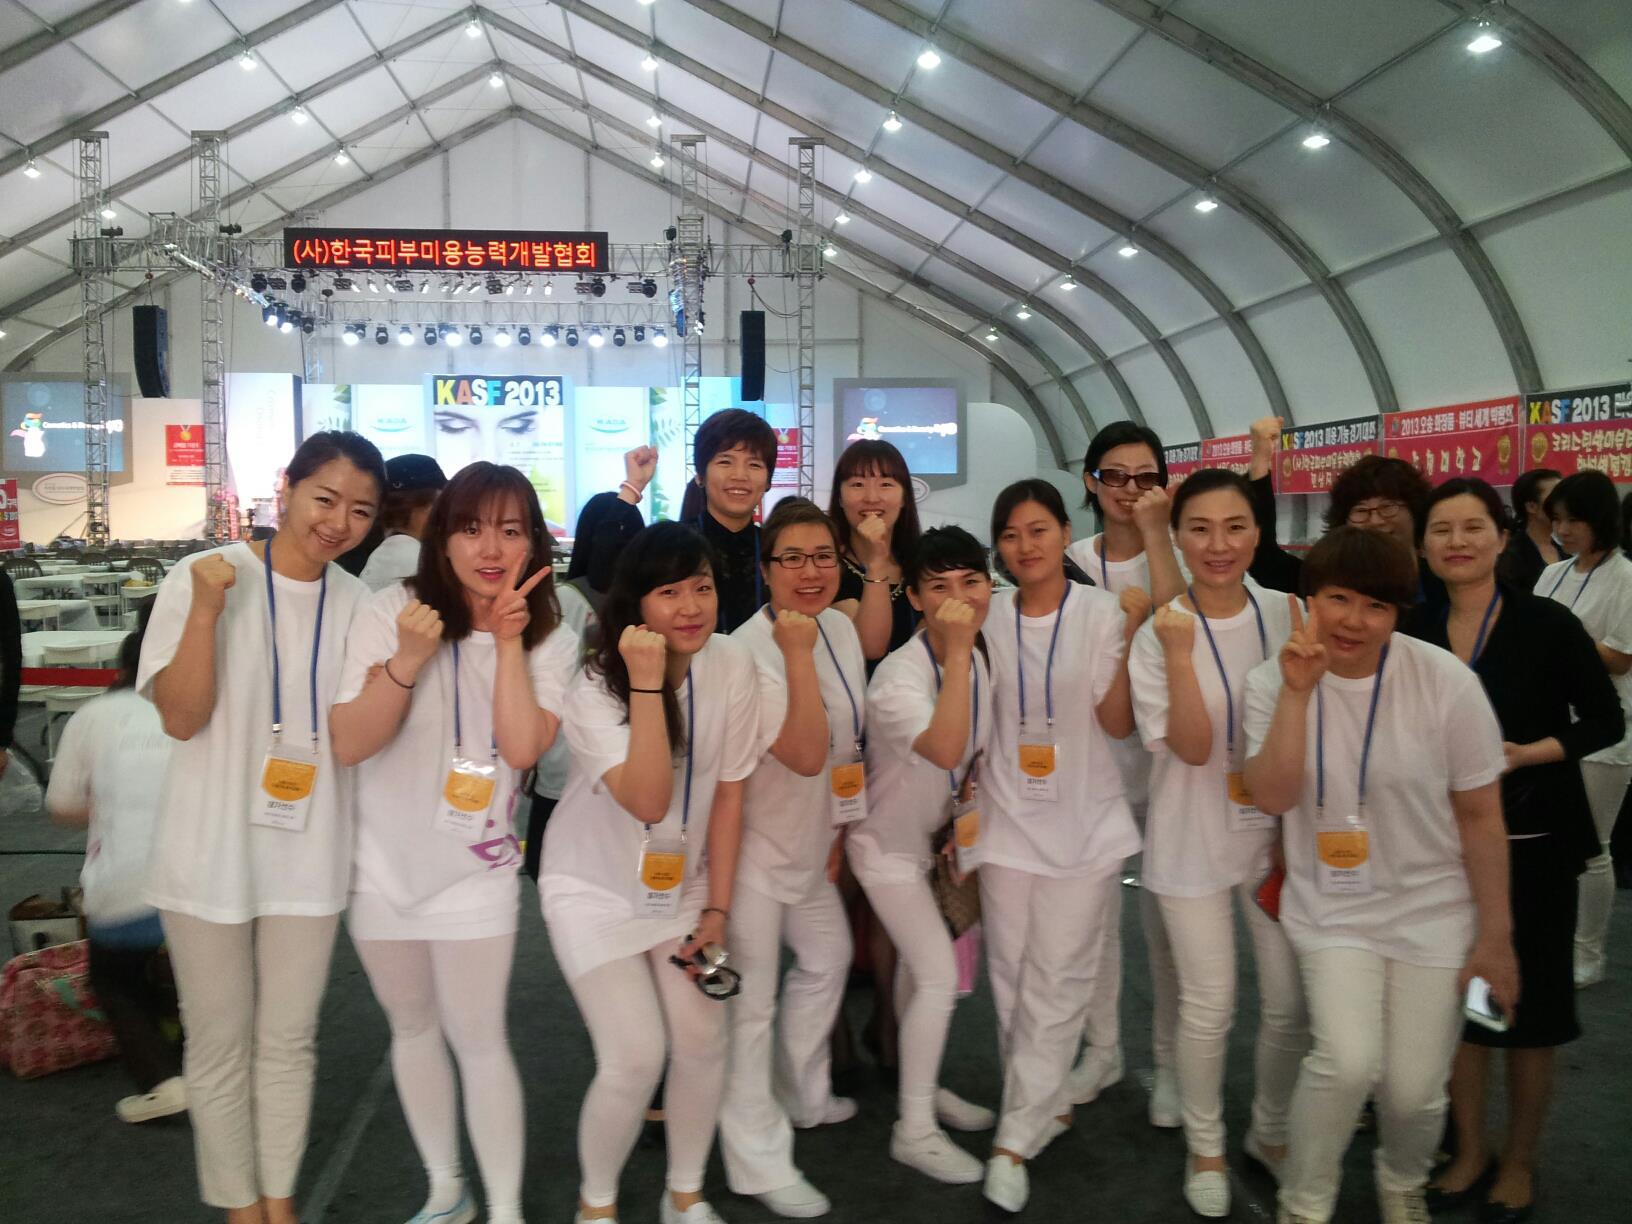 2013 오송국제뷰티박람회 리포사지 대회선수들